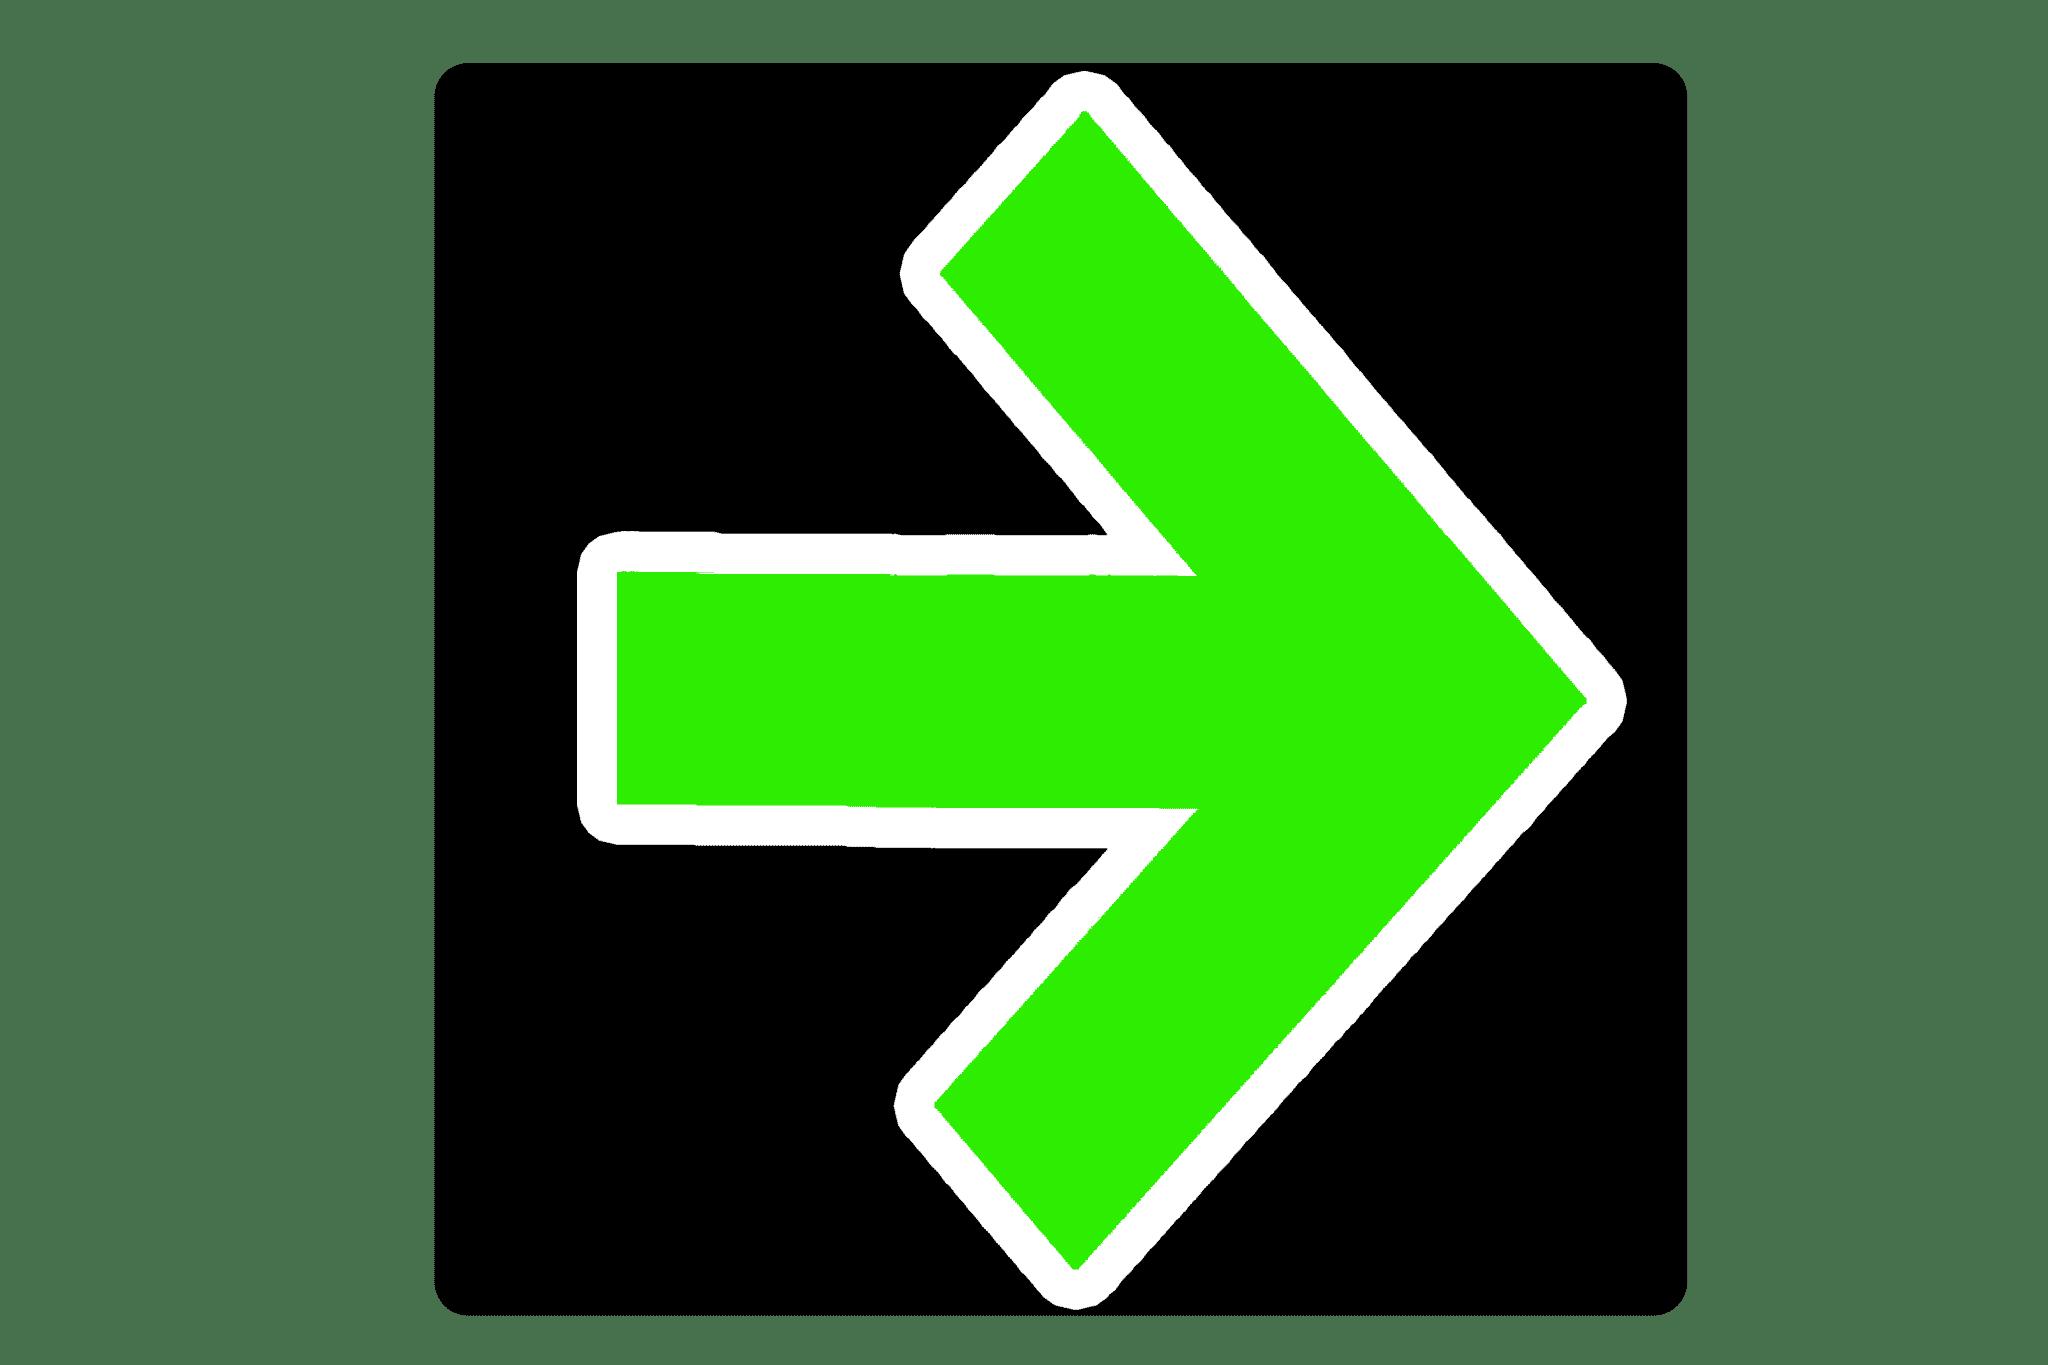 Verkehrszeichen 720